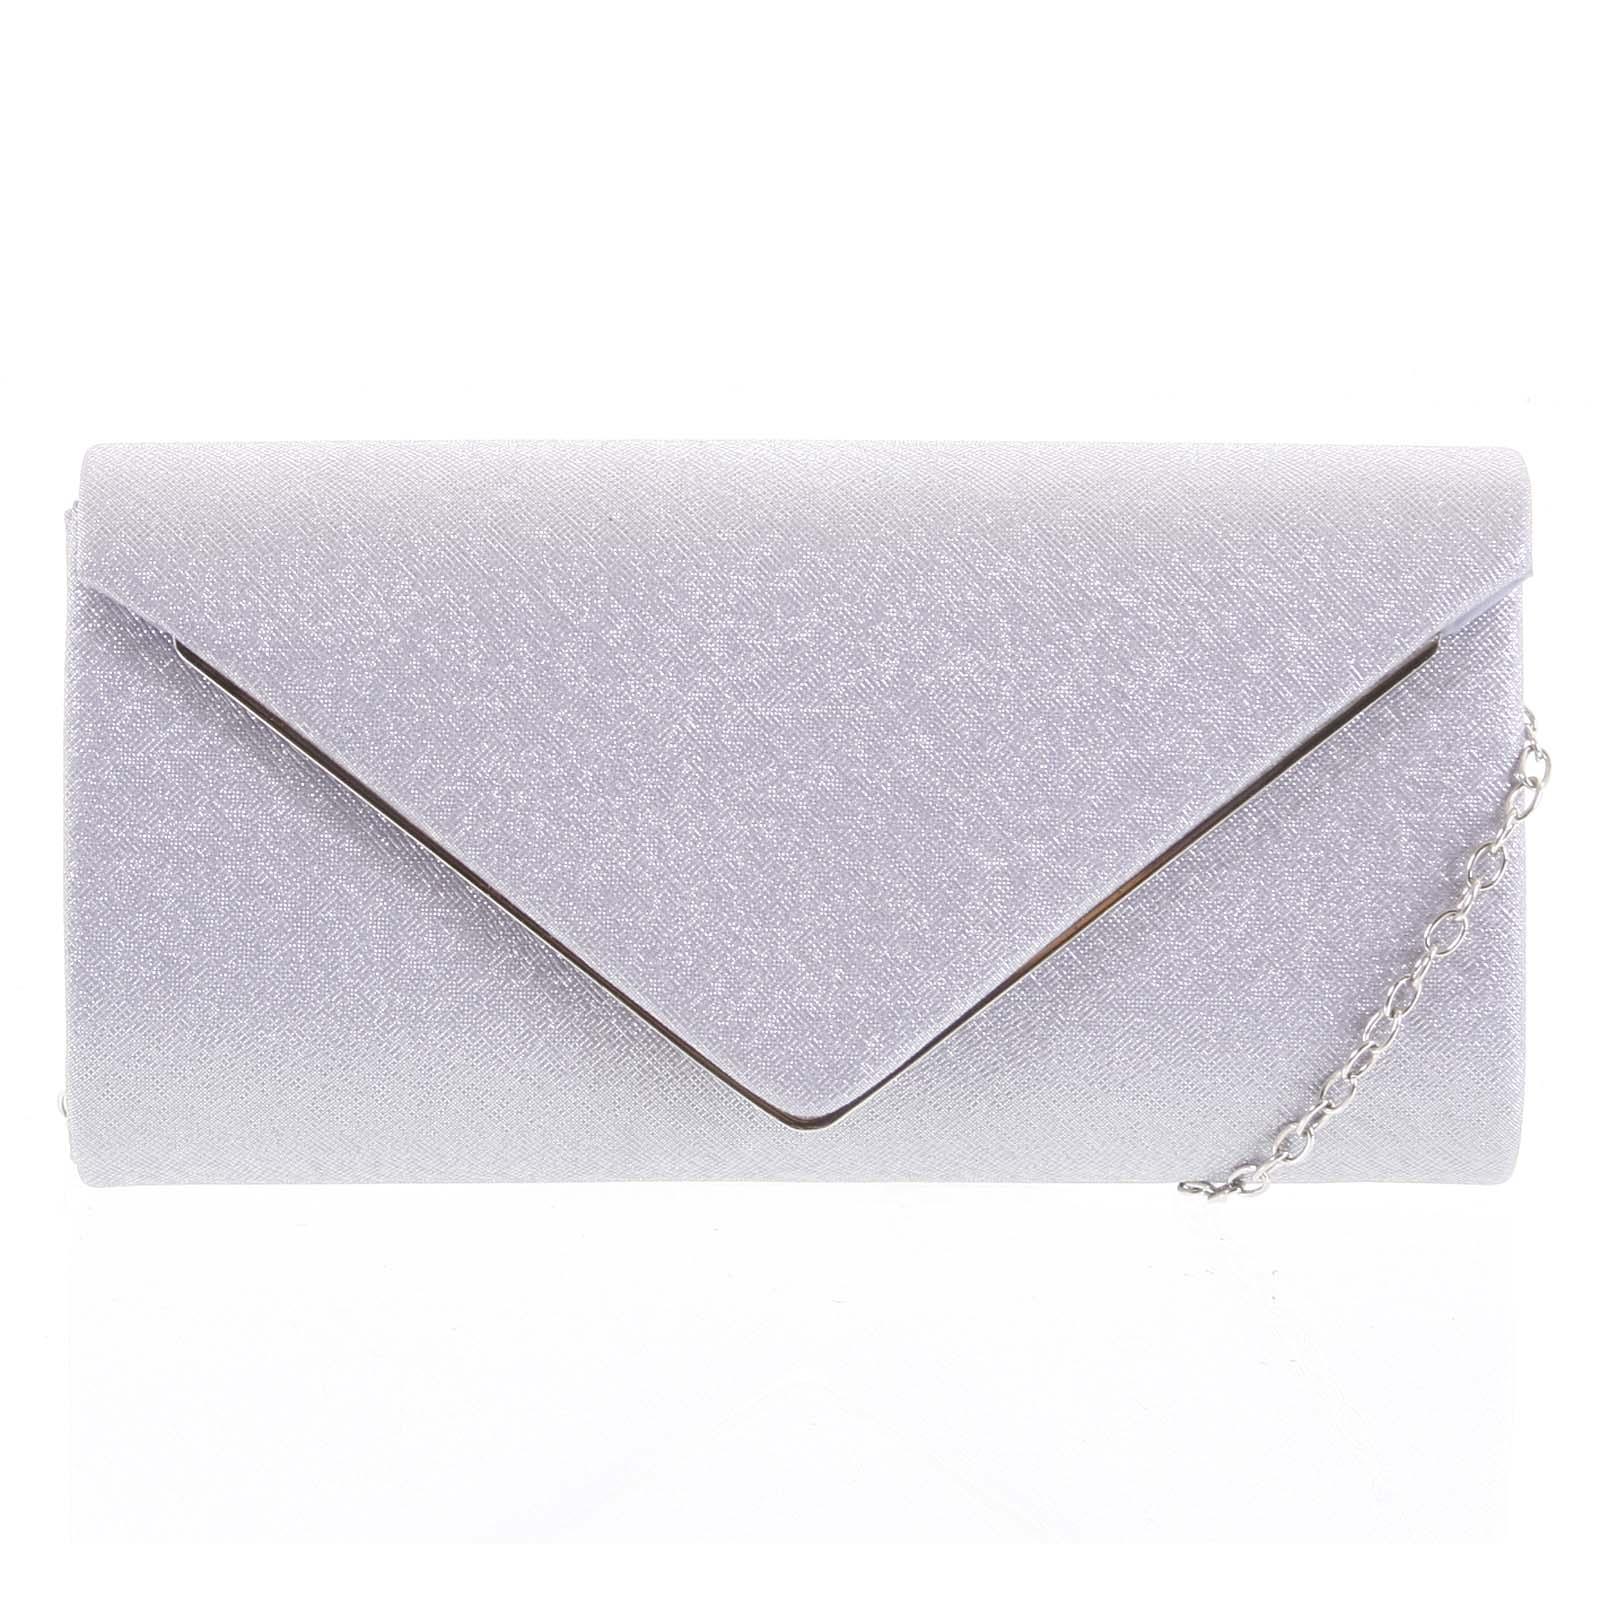 Dámska listová kabelka strieborná - Michelle Moon Cayenne strieborná